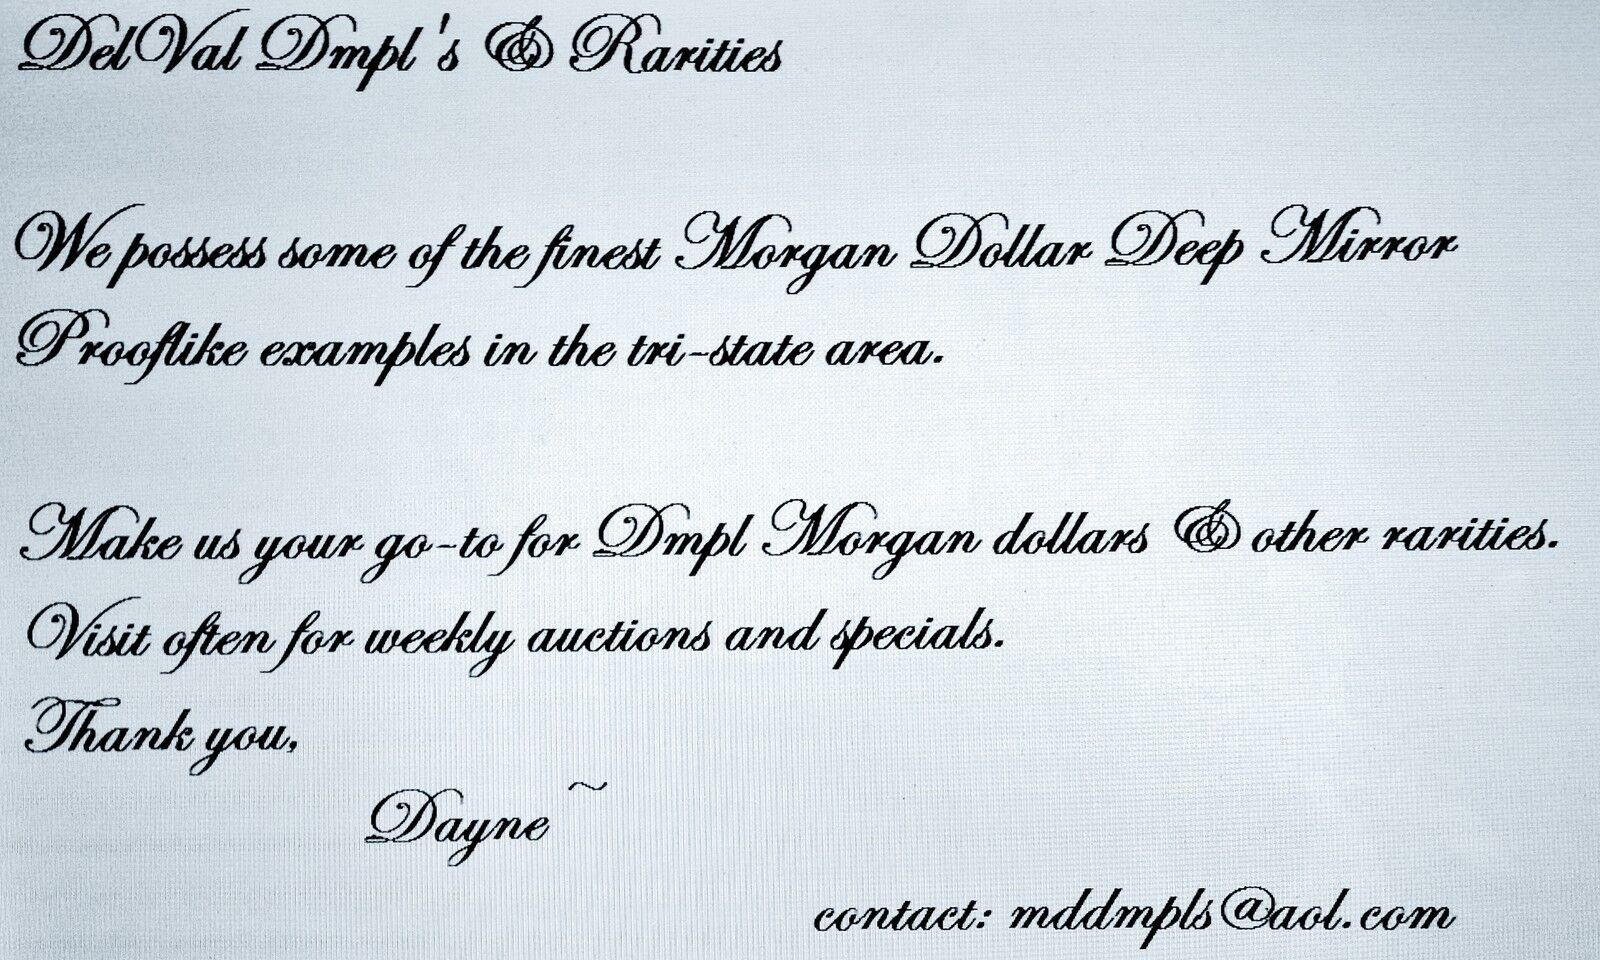 DelVal Dmpl's